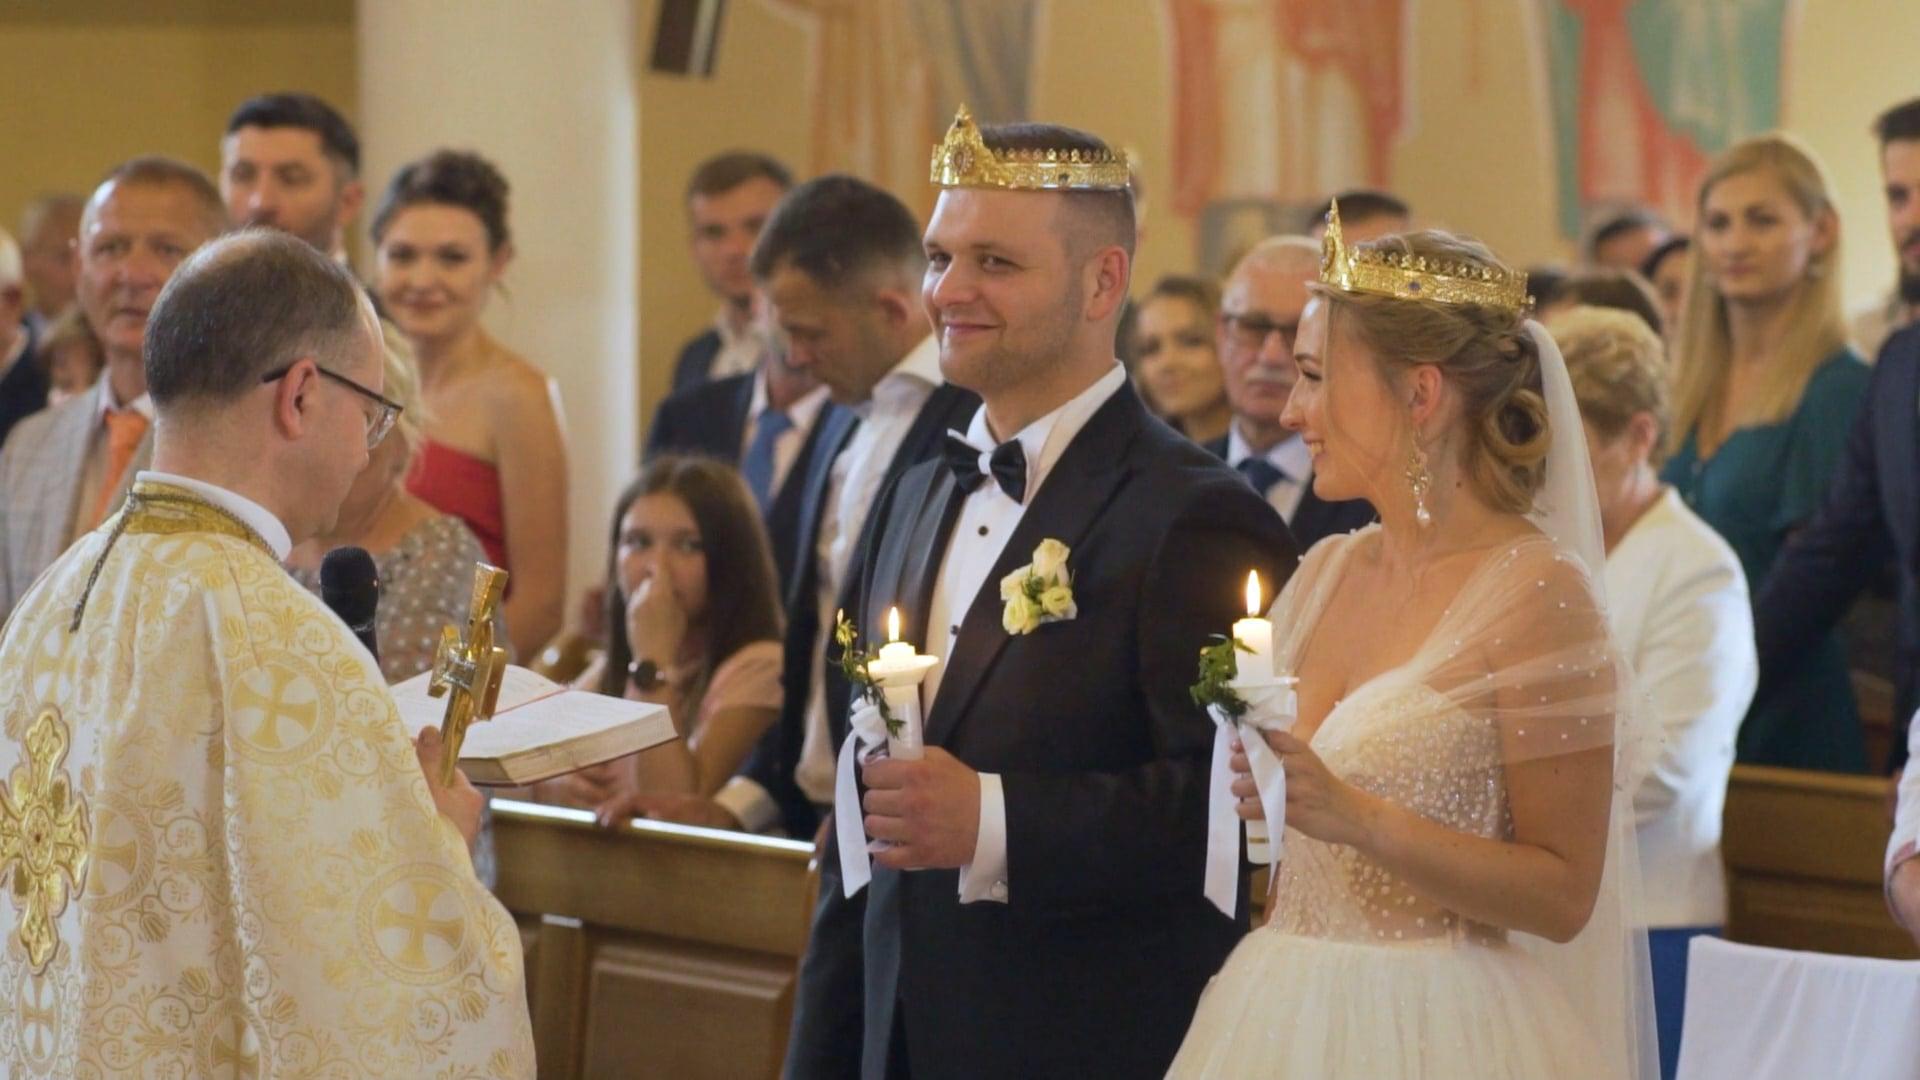 Ewa i Piotr Łemkowski Ślub Lemko Wedding